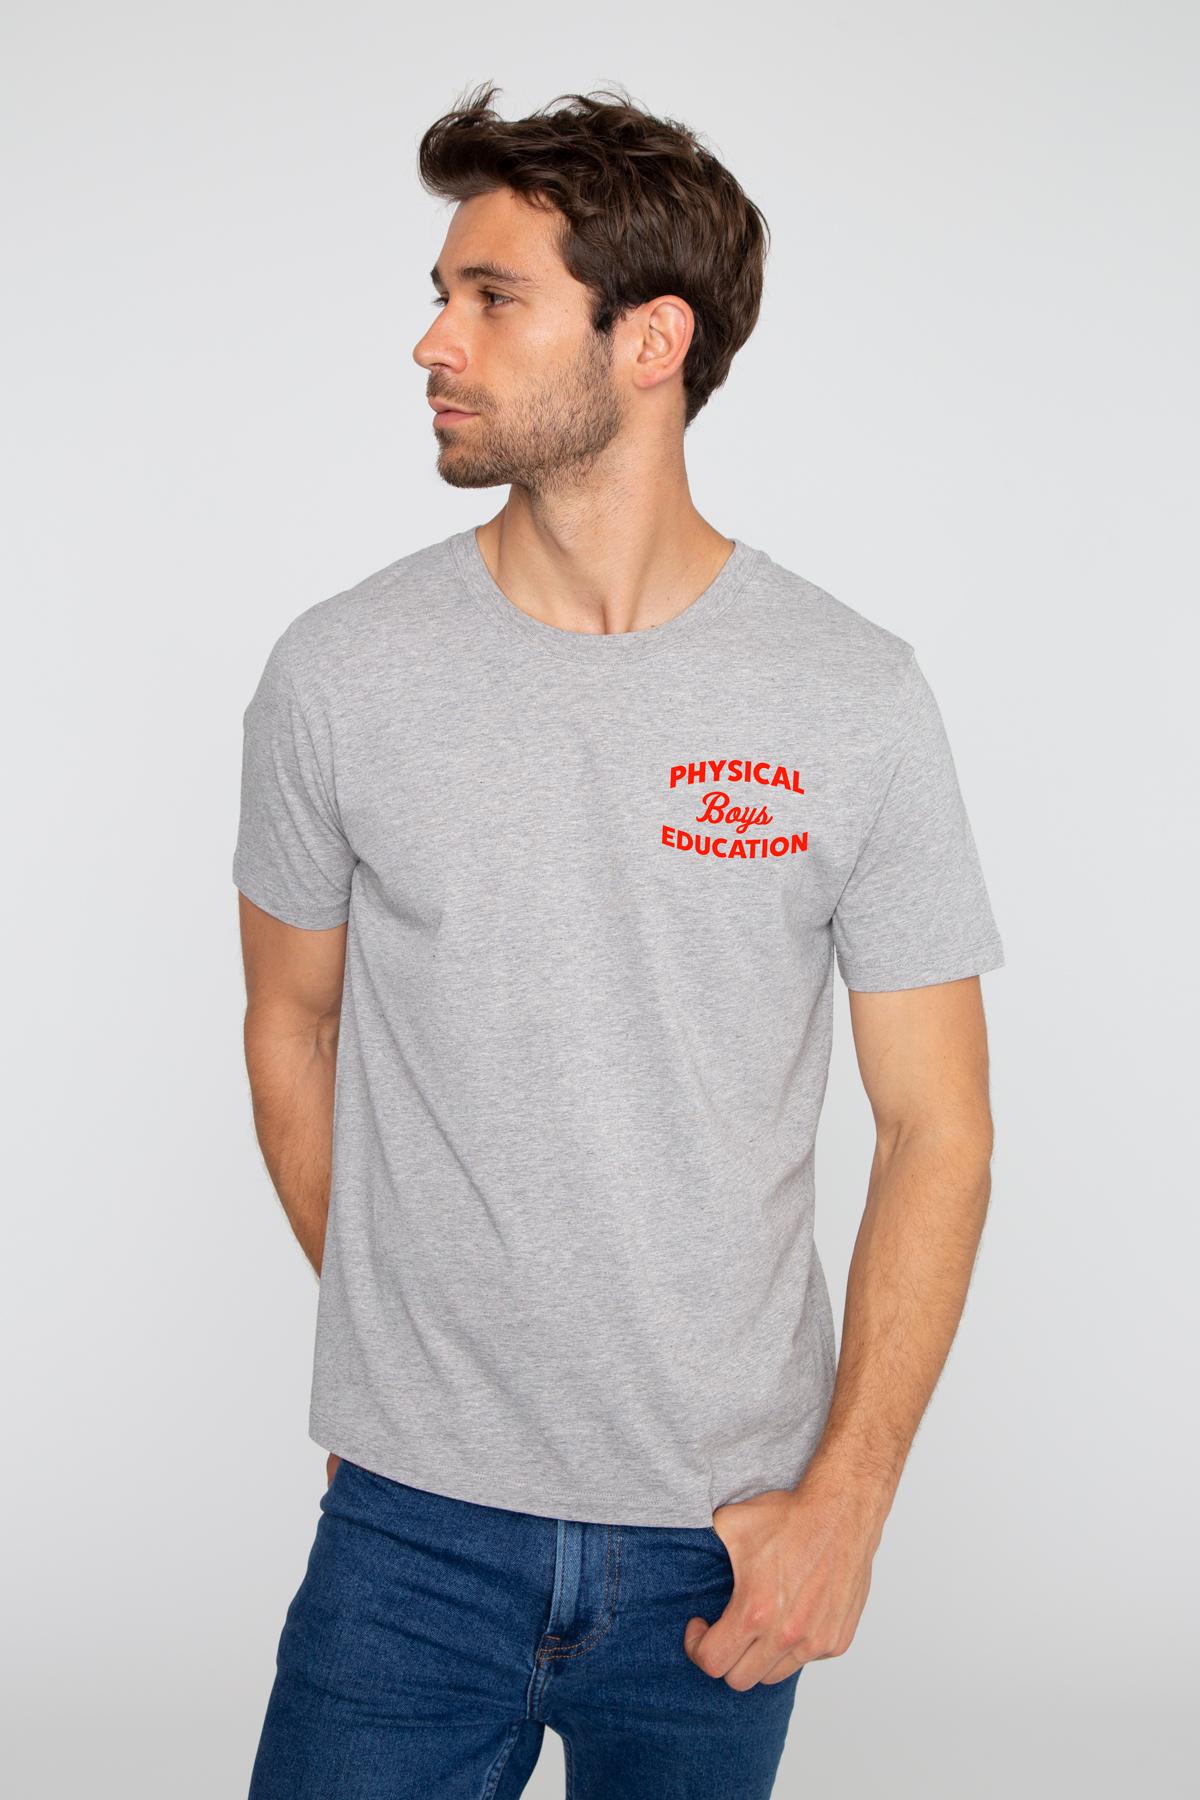 Tshirt PHYSICAL EDUCATION